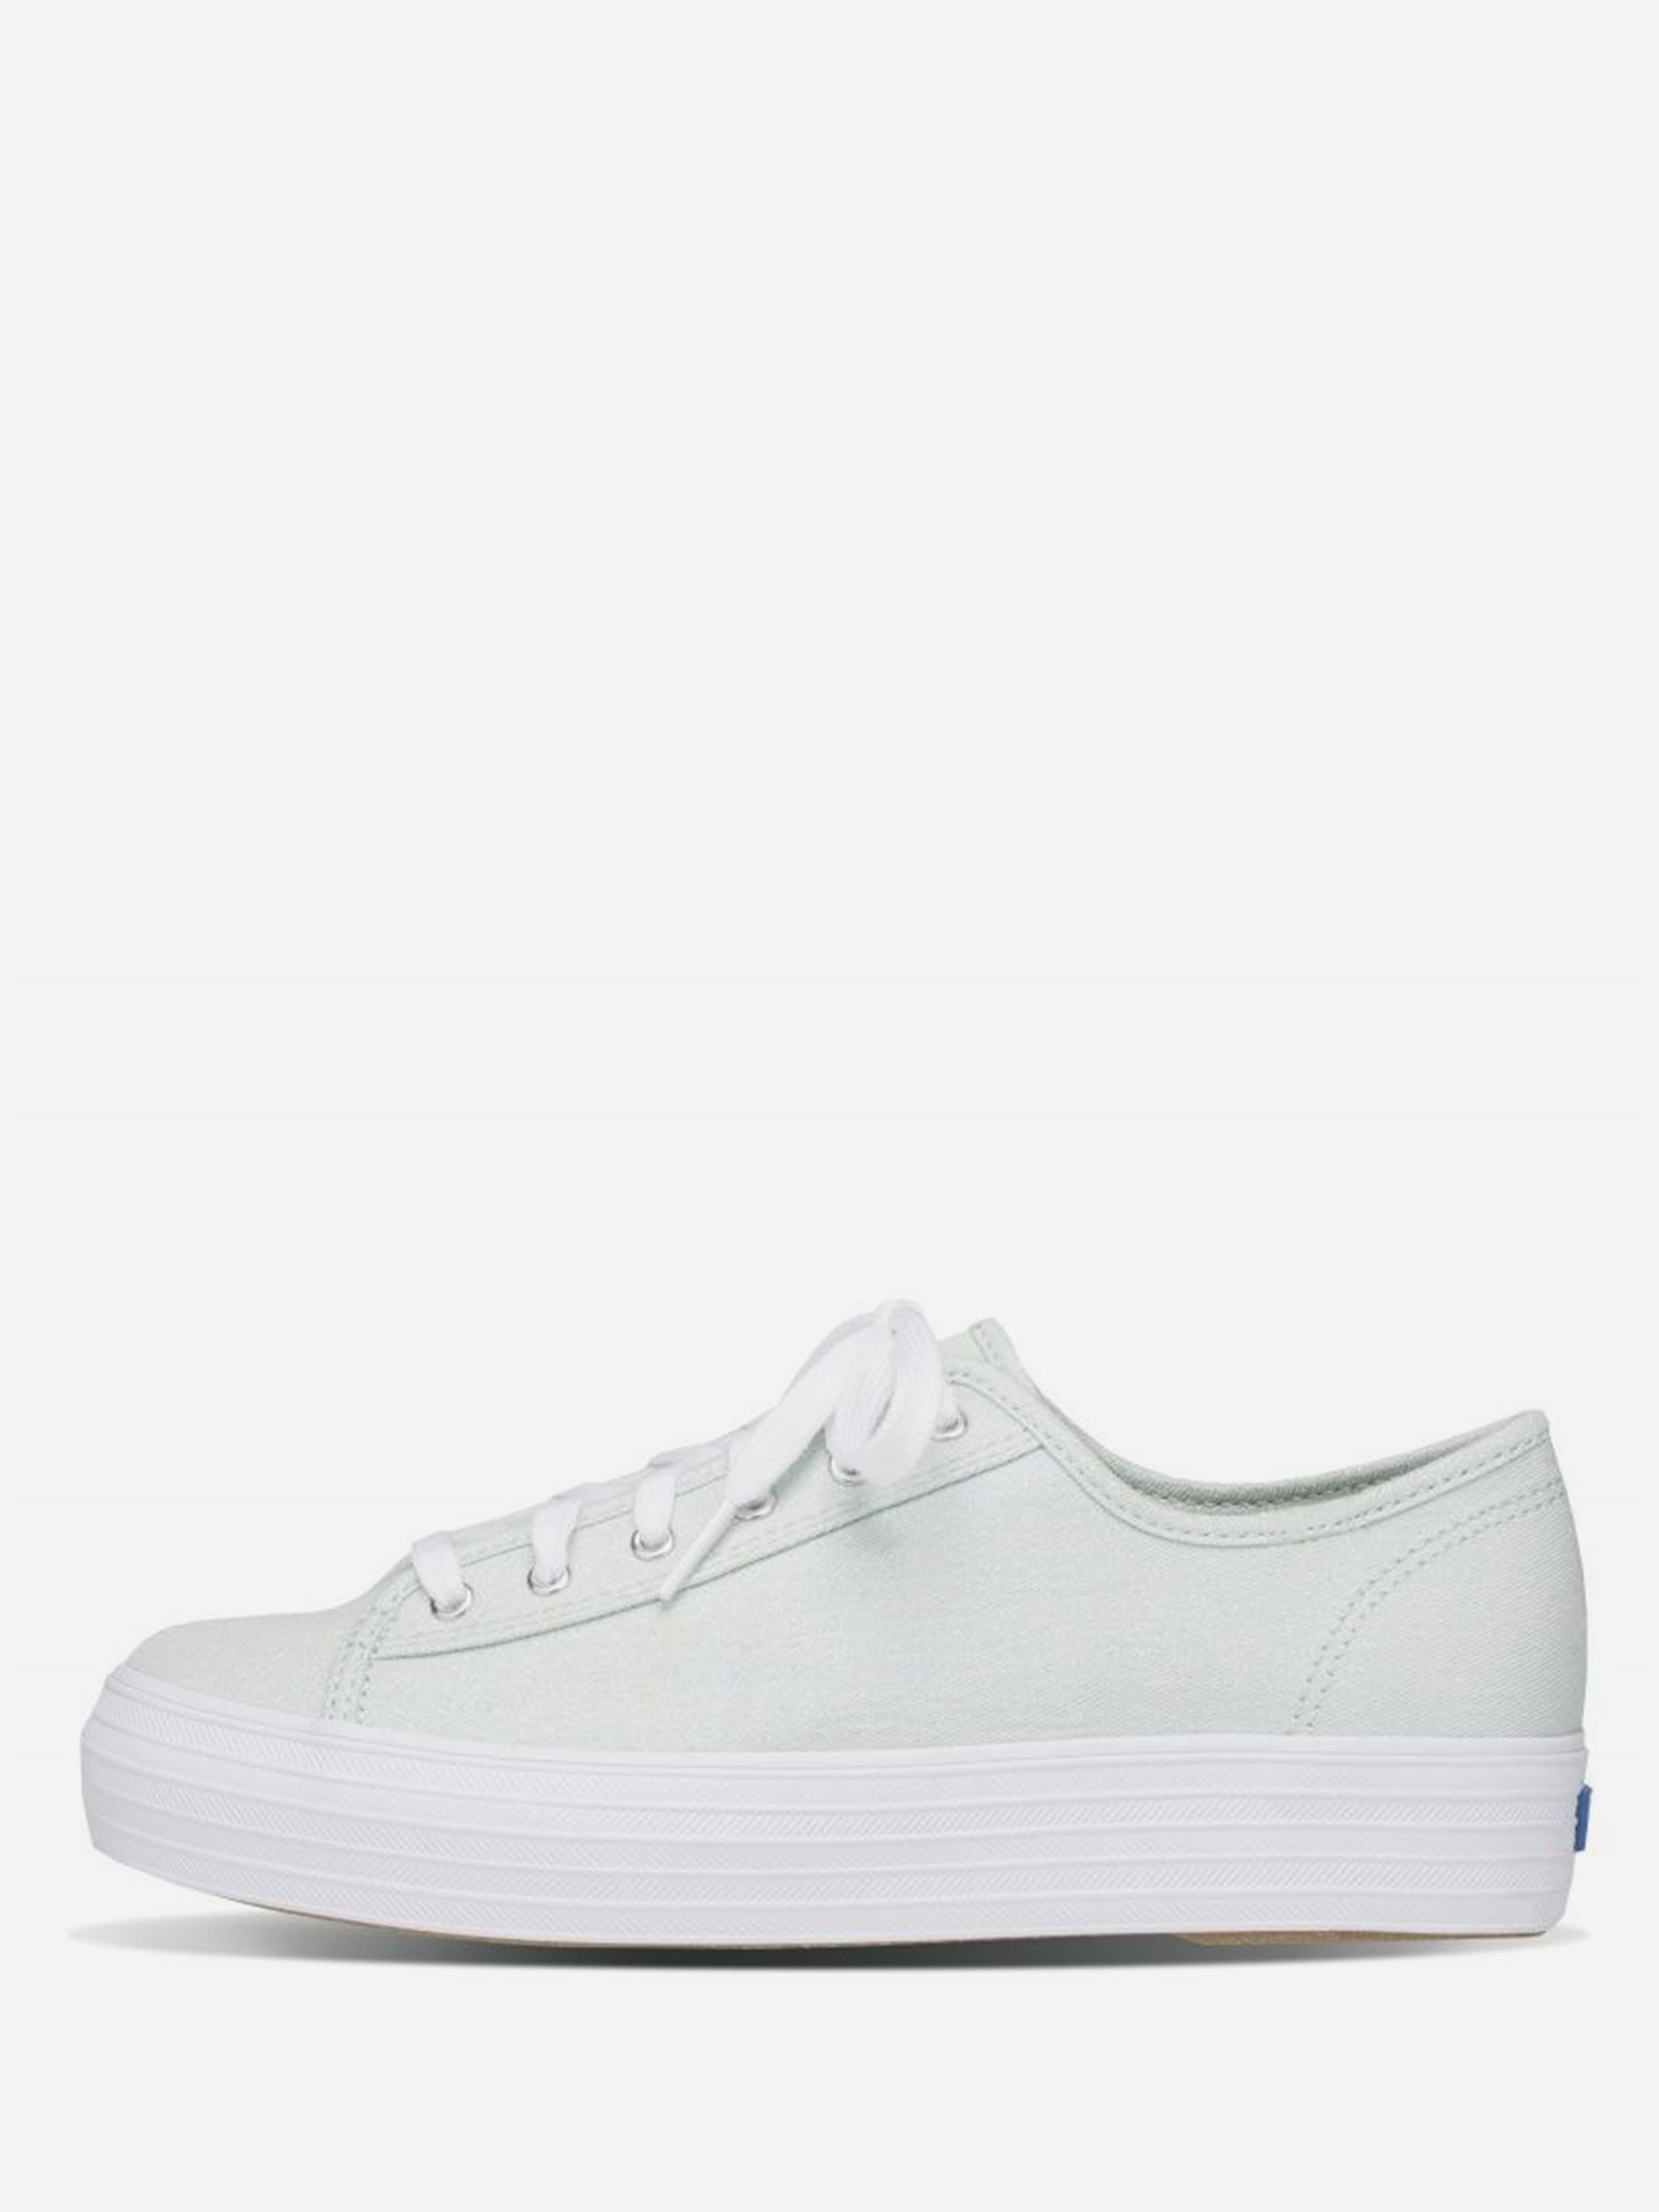 Кеди  жіночі KEDS TRIPLE KICK WF59472 модне взуття, 2017